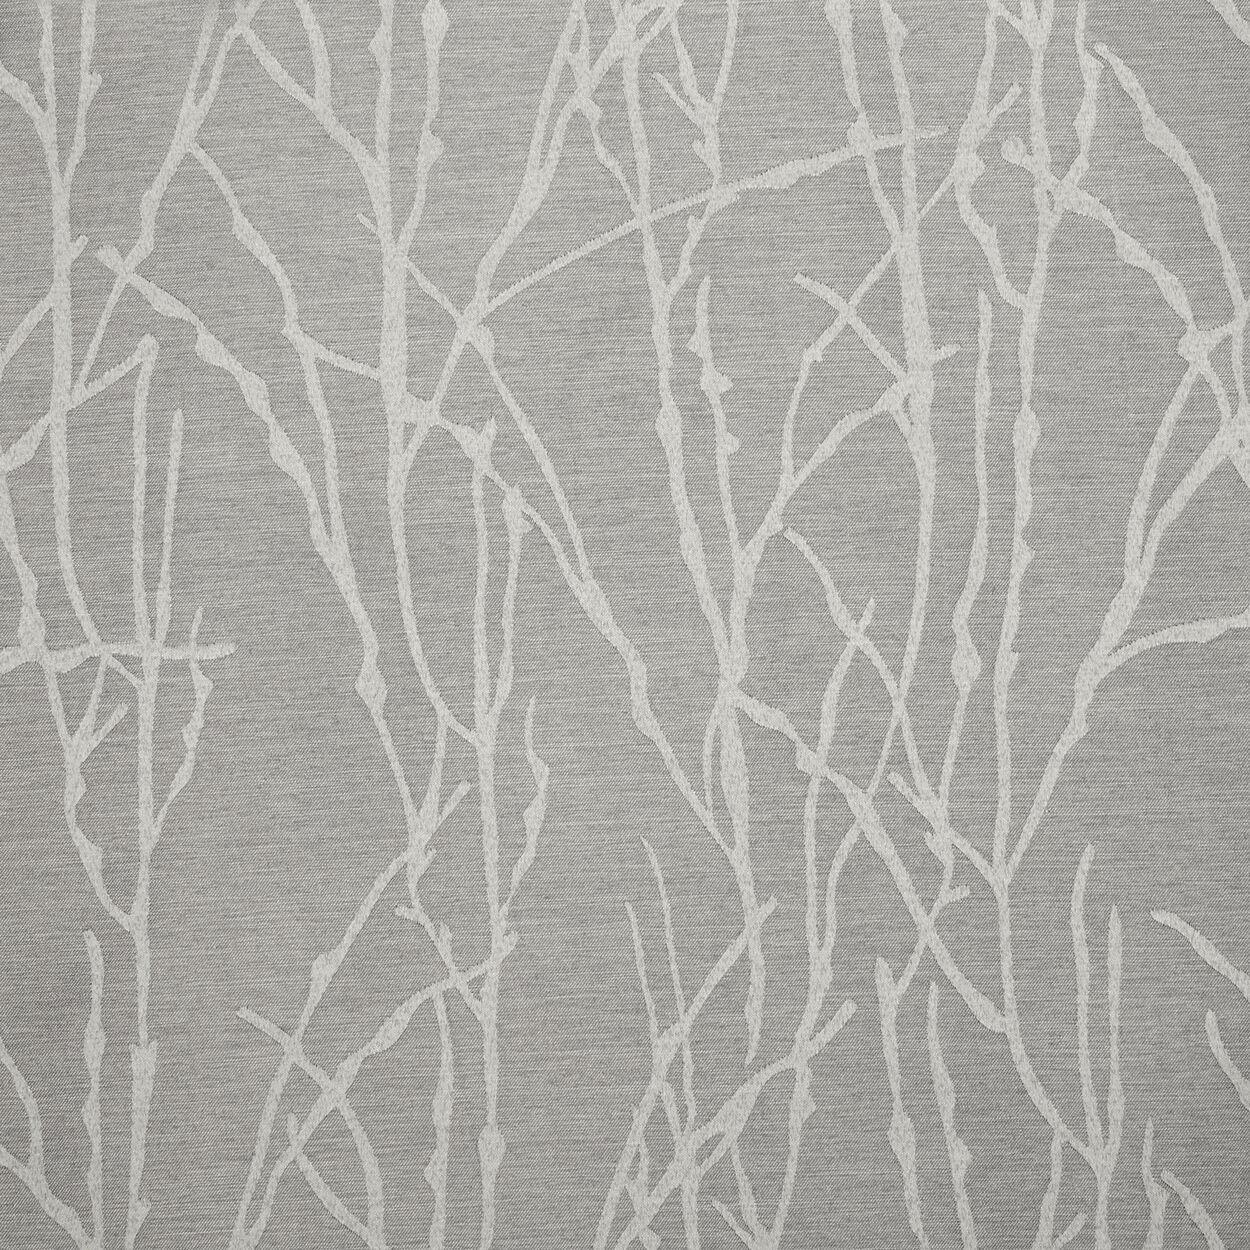 Naldo Jacquard Lined Curtain